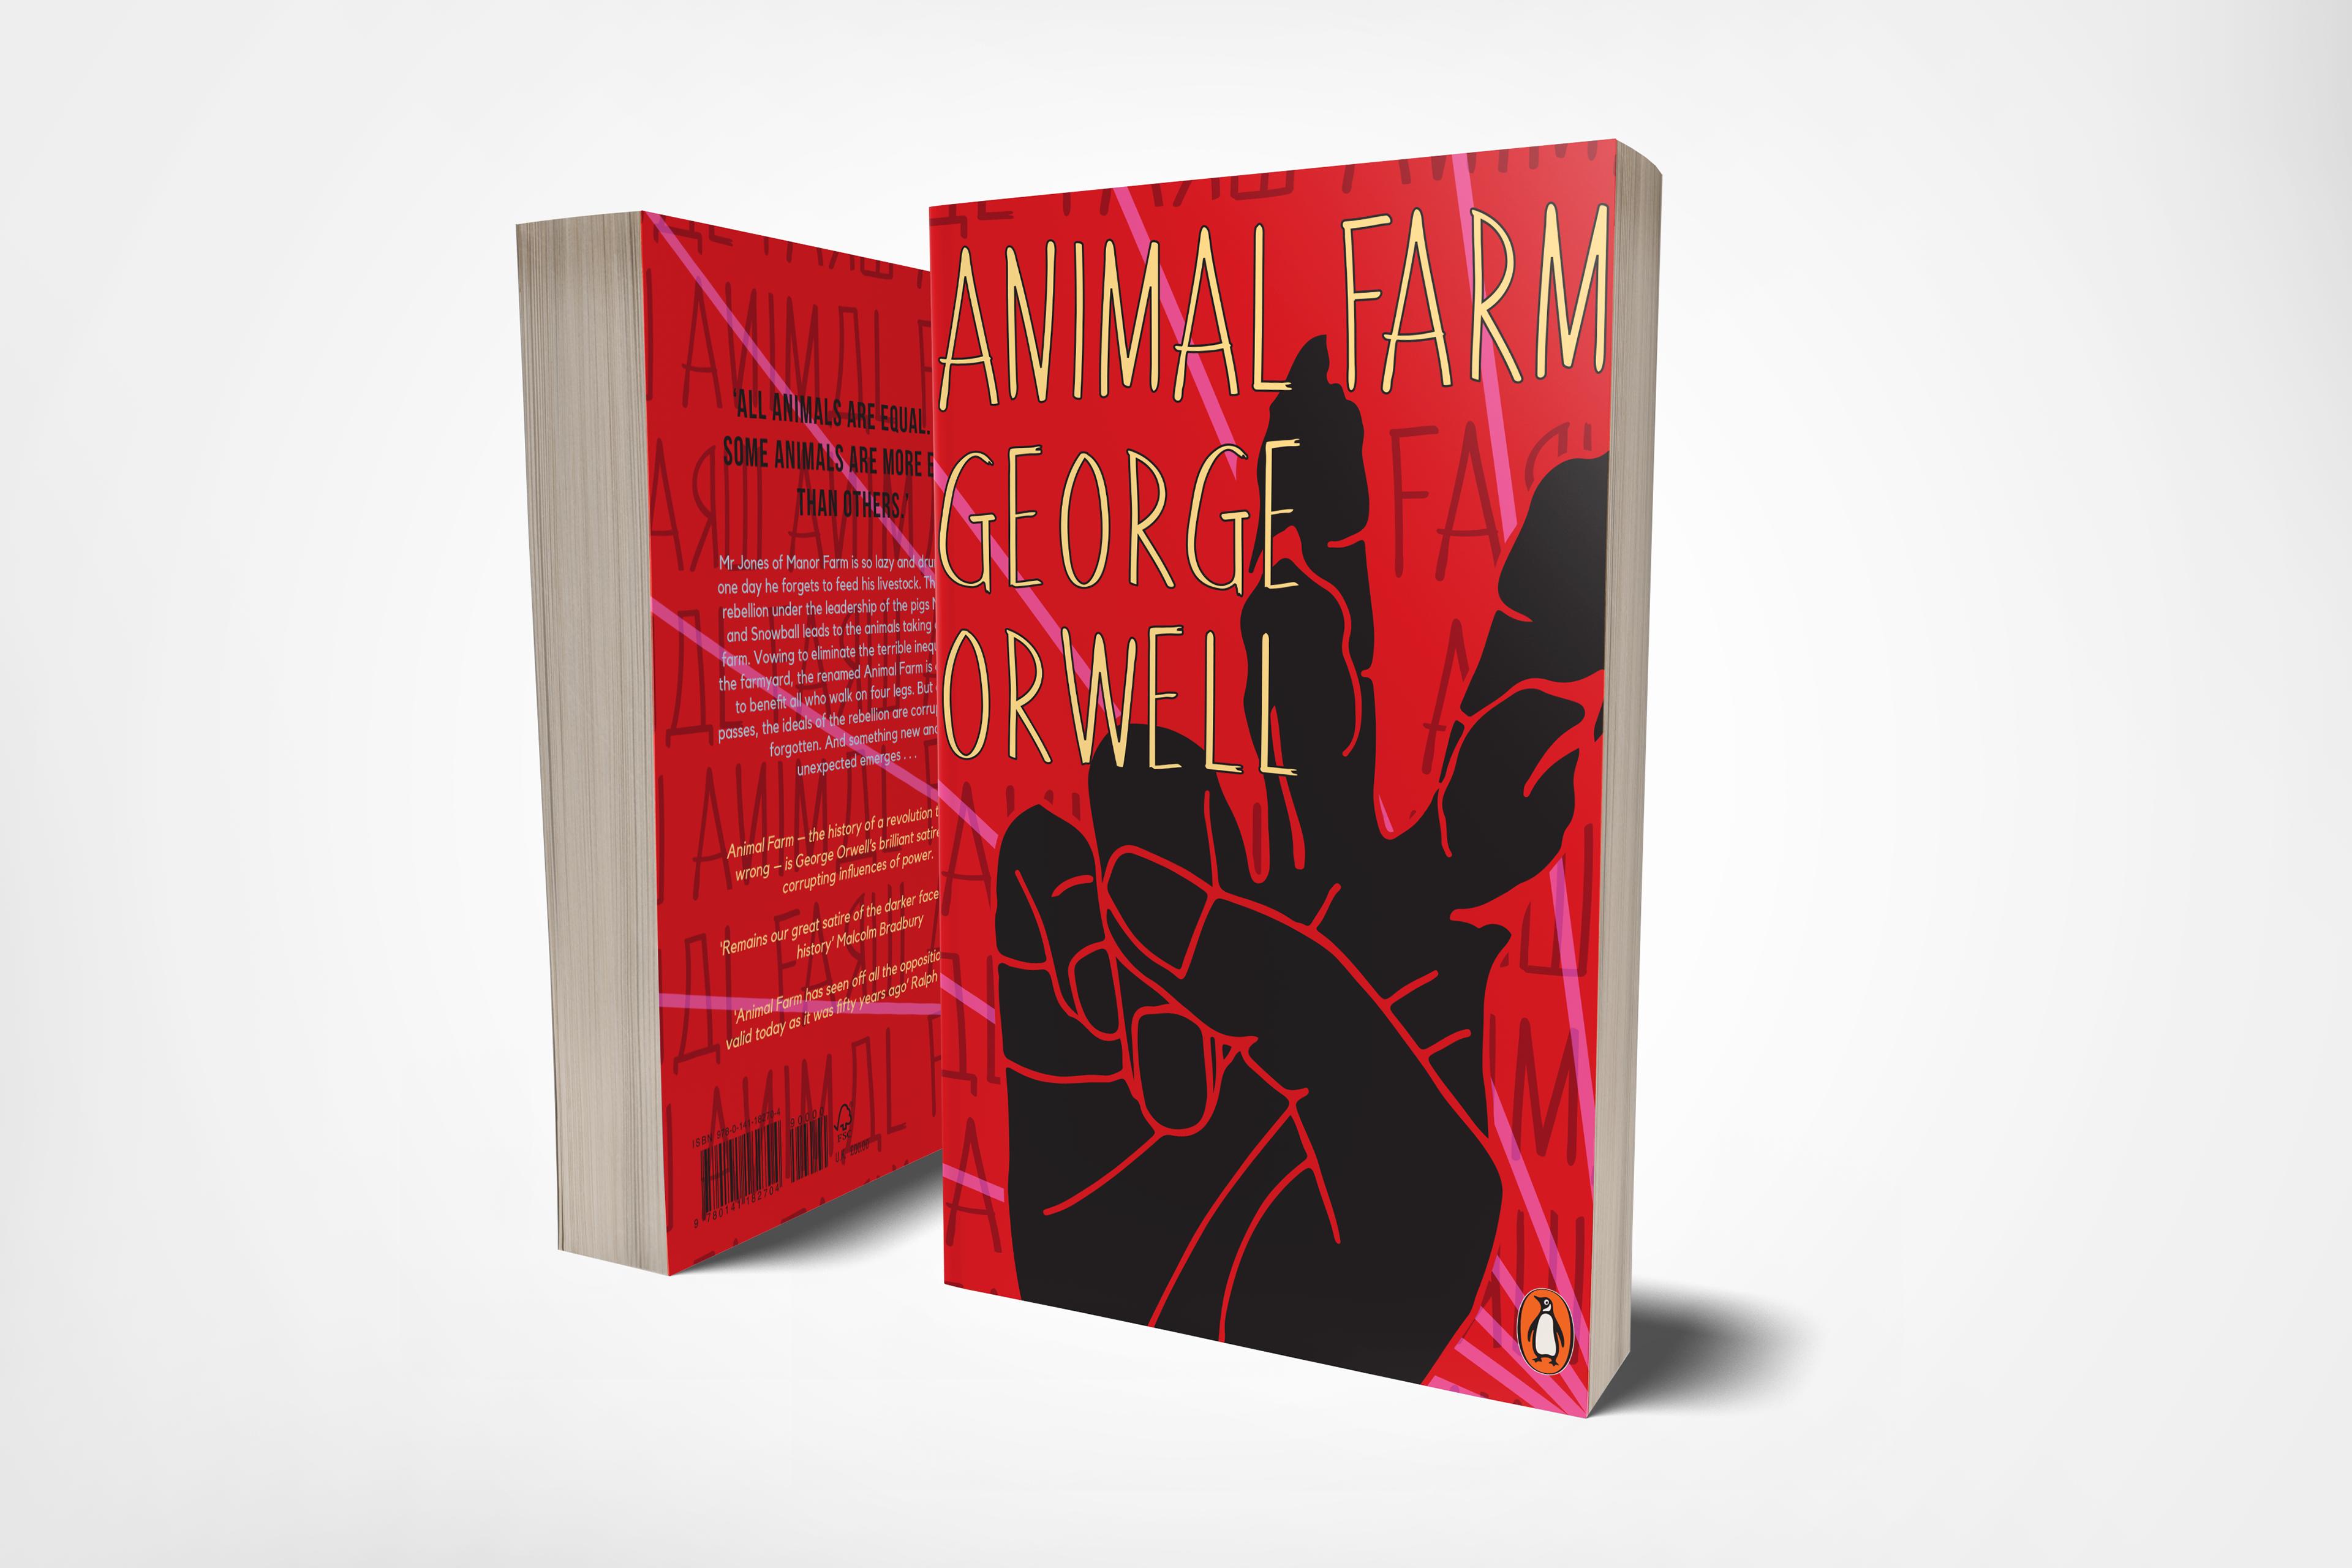 Kellymaroo Animal Farm